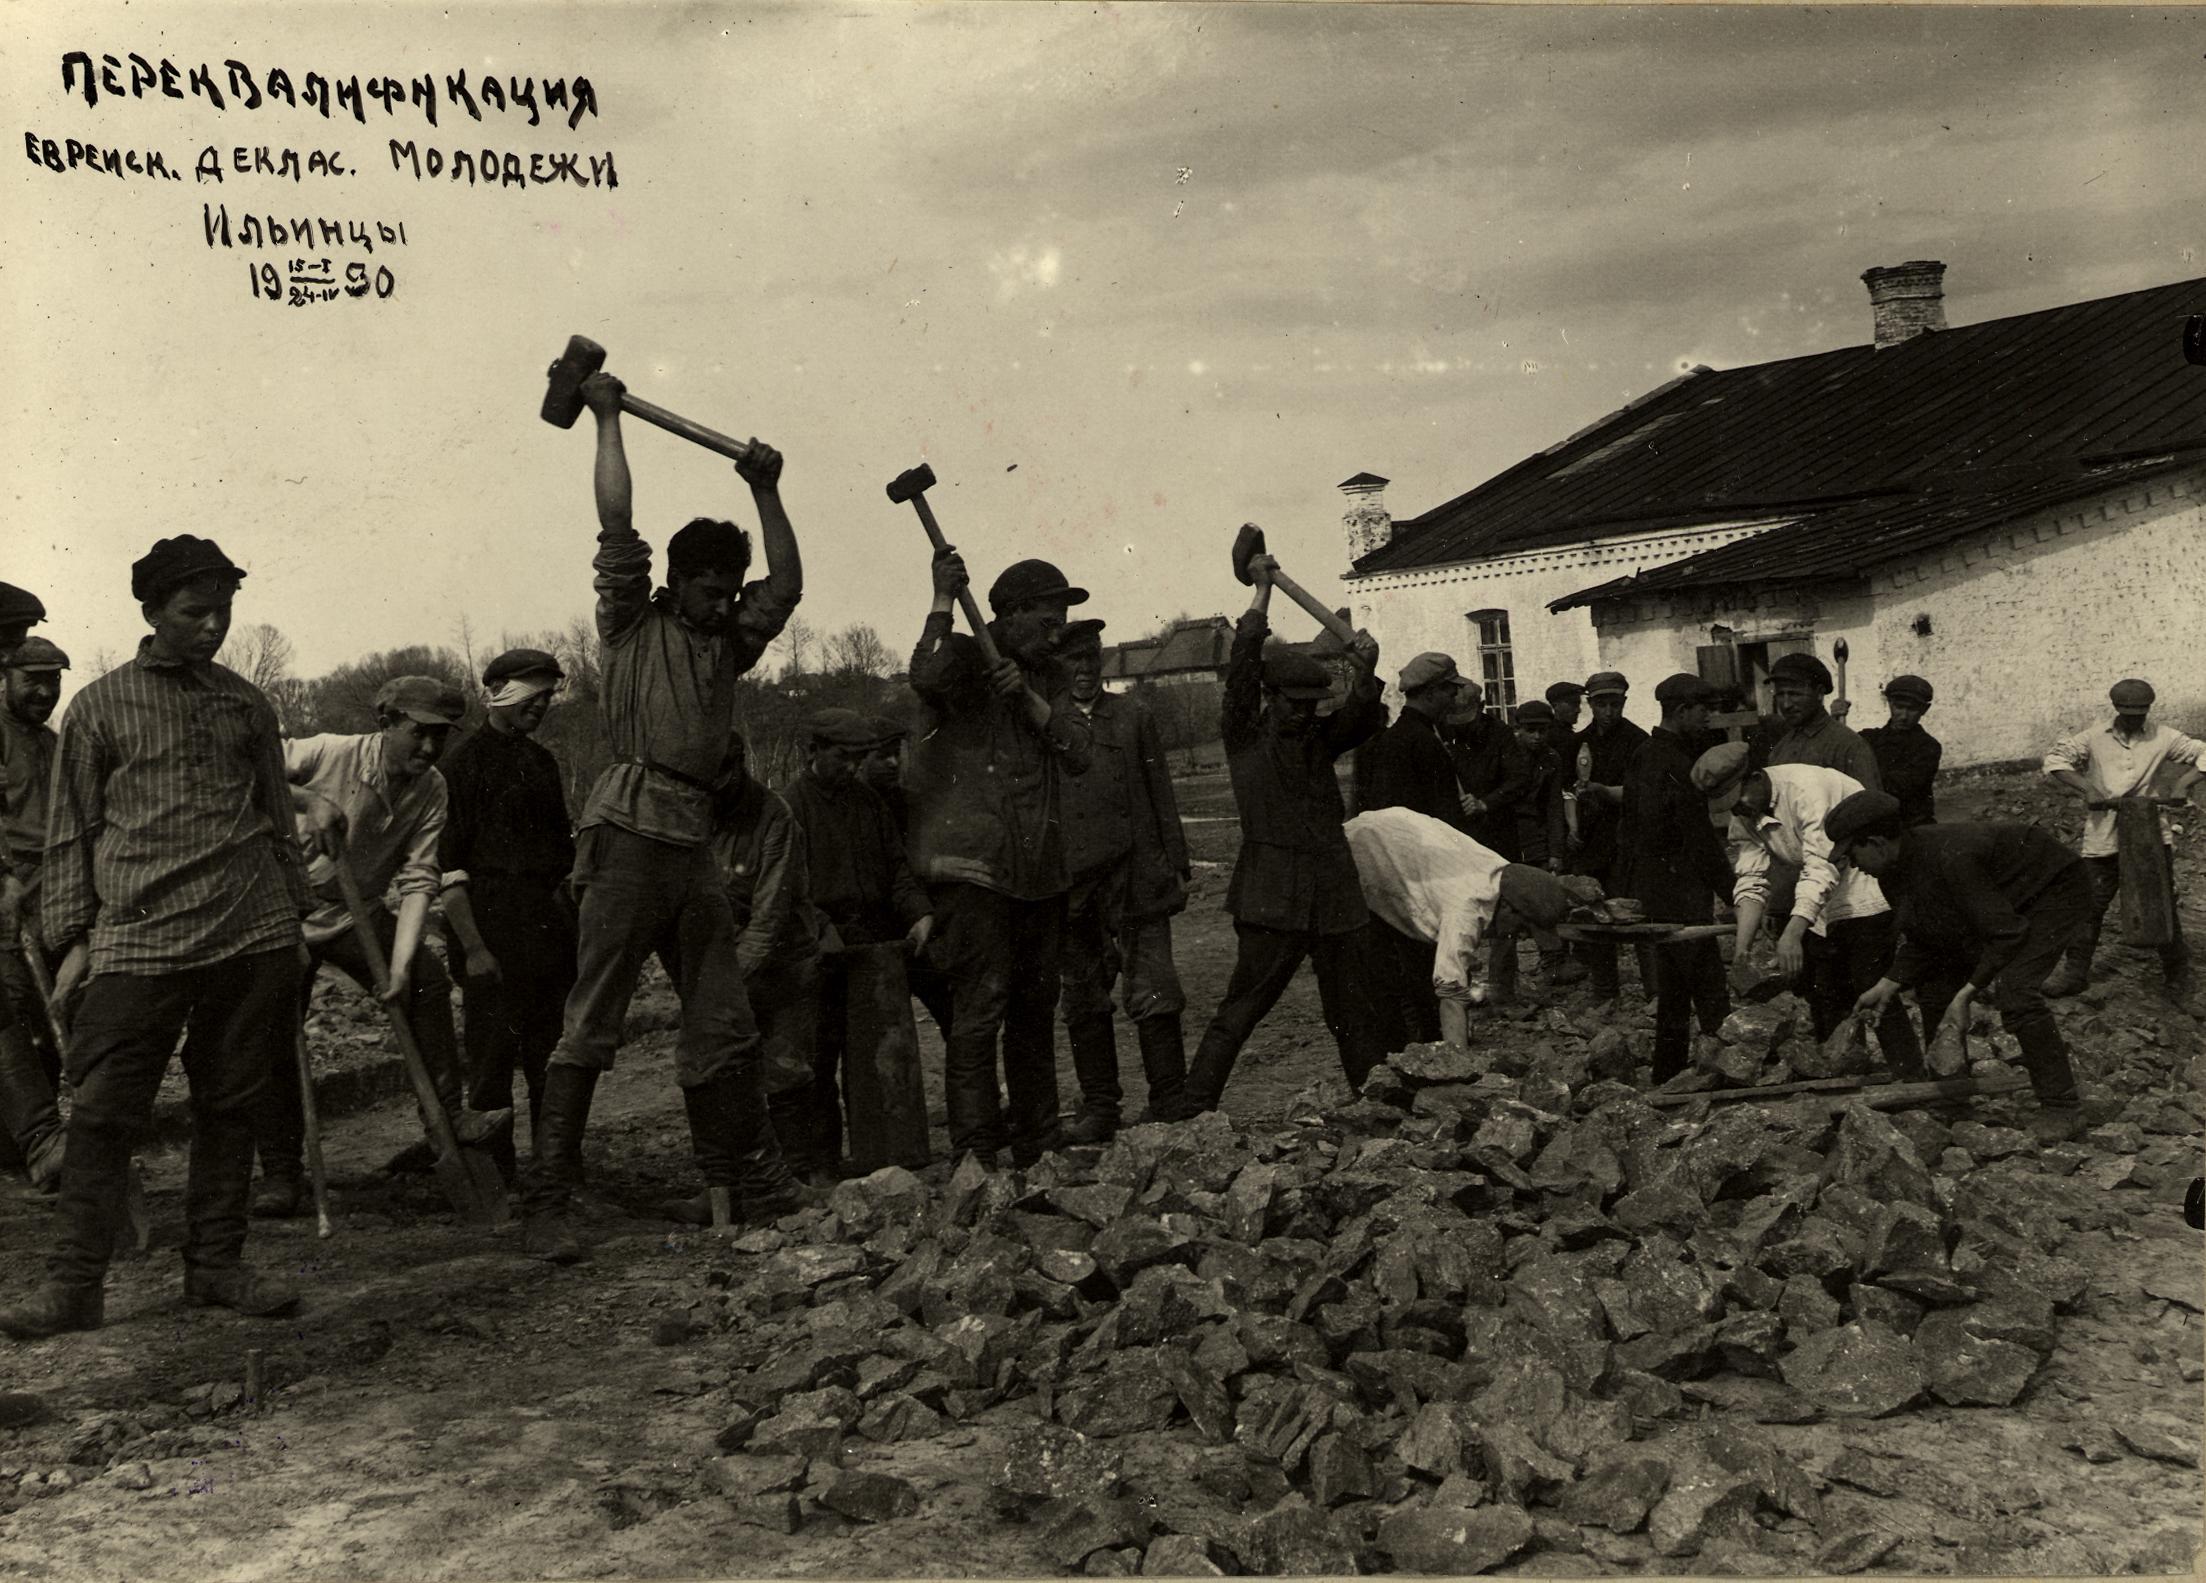 1930. Переквалификация еврейской безработной и деклассированной молодежи. Подготовка каменщиков. Местечко Ильинцы, Подолия